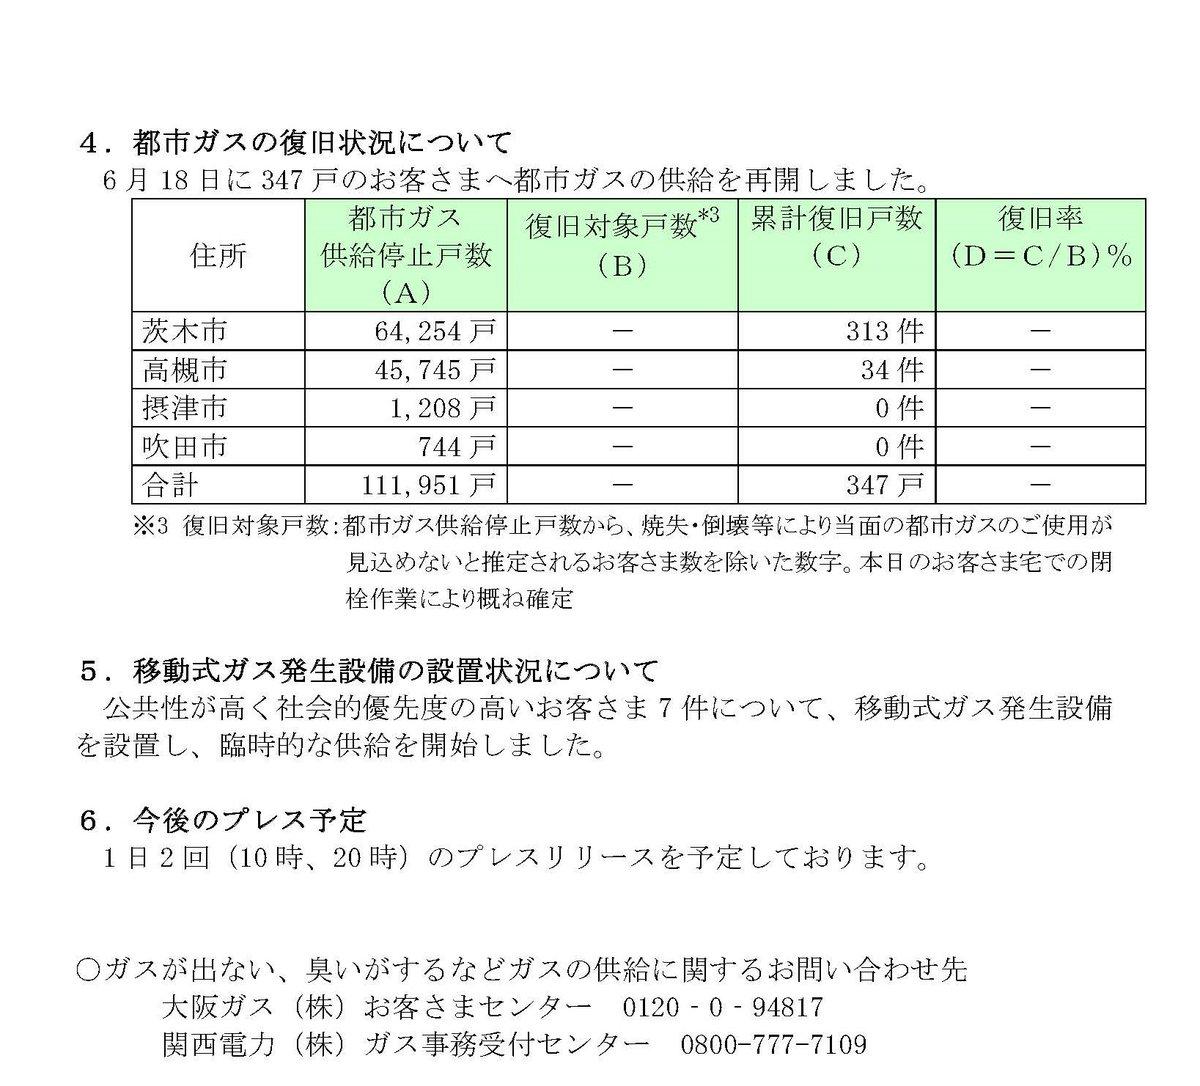 問い合わせ 大阪 ガス